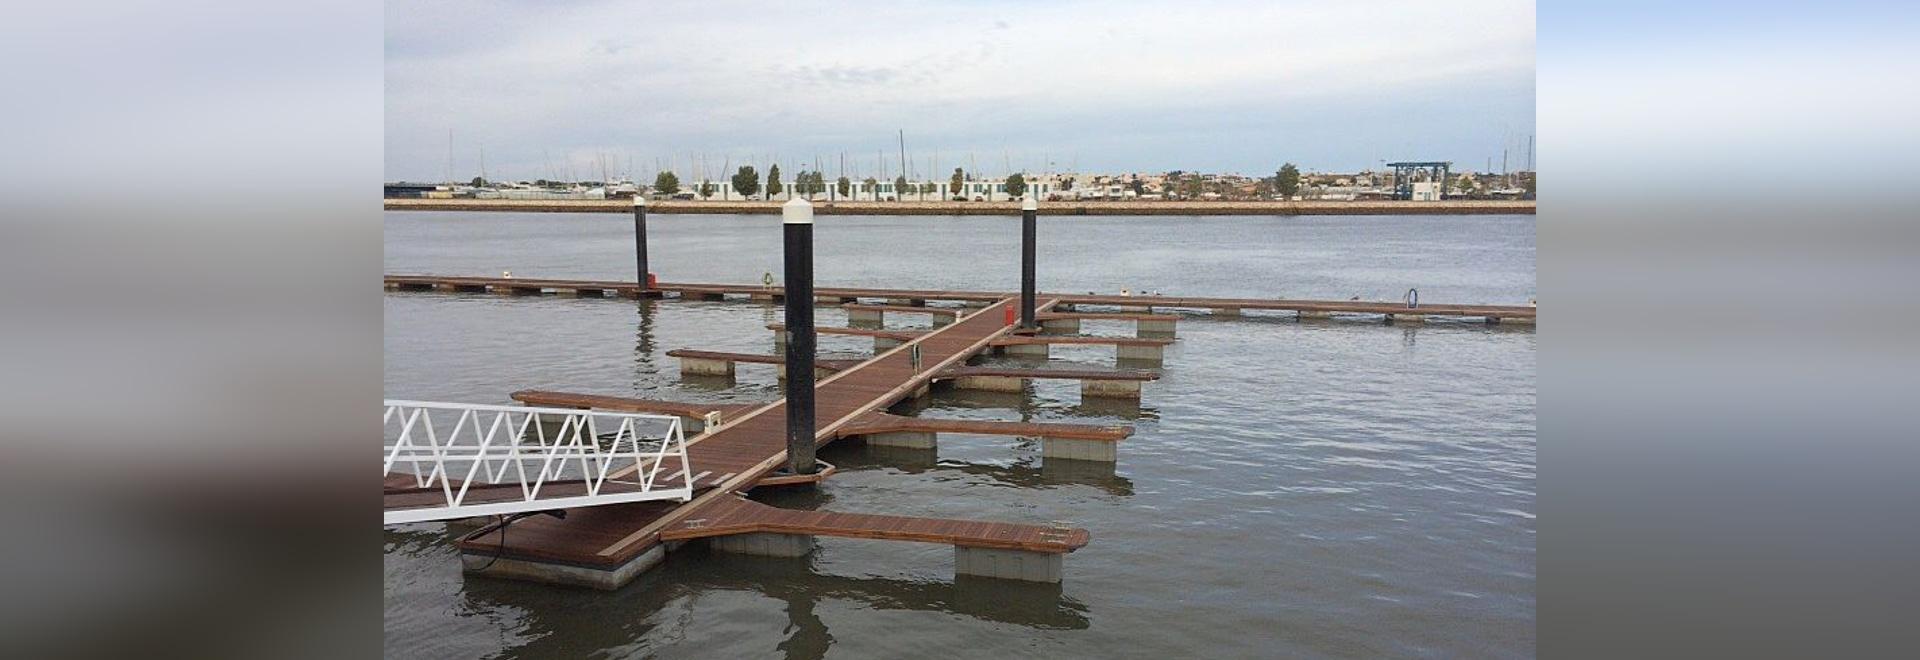 Rehabilitación de la Rampa Ro-Ro y del Muelle Bartolomeu Dias   en el Puerto de Portimão